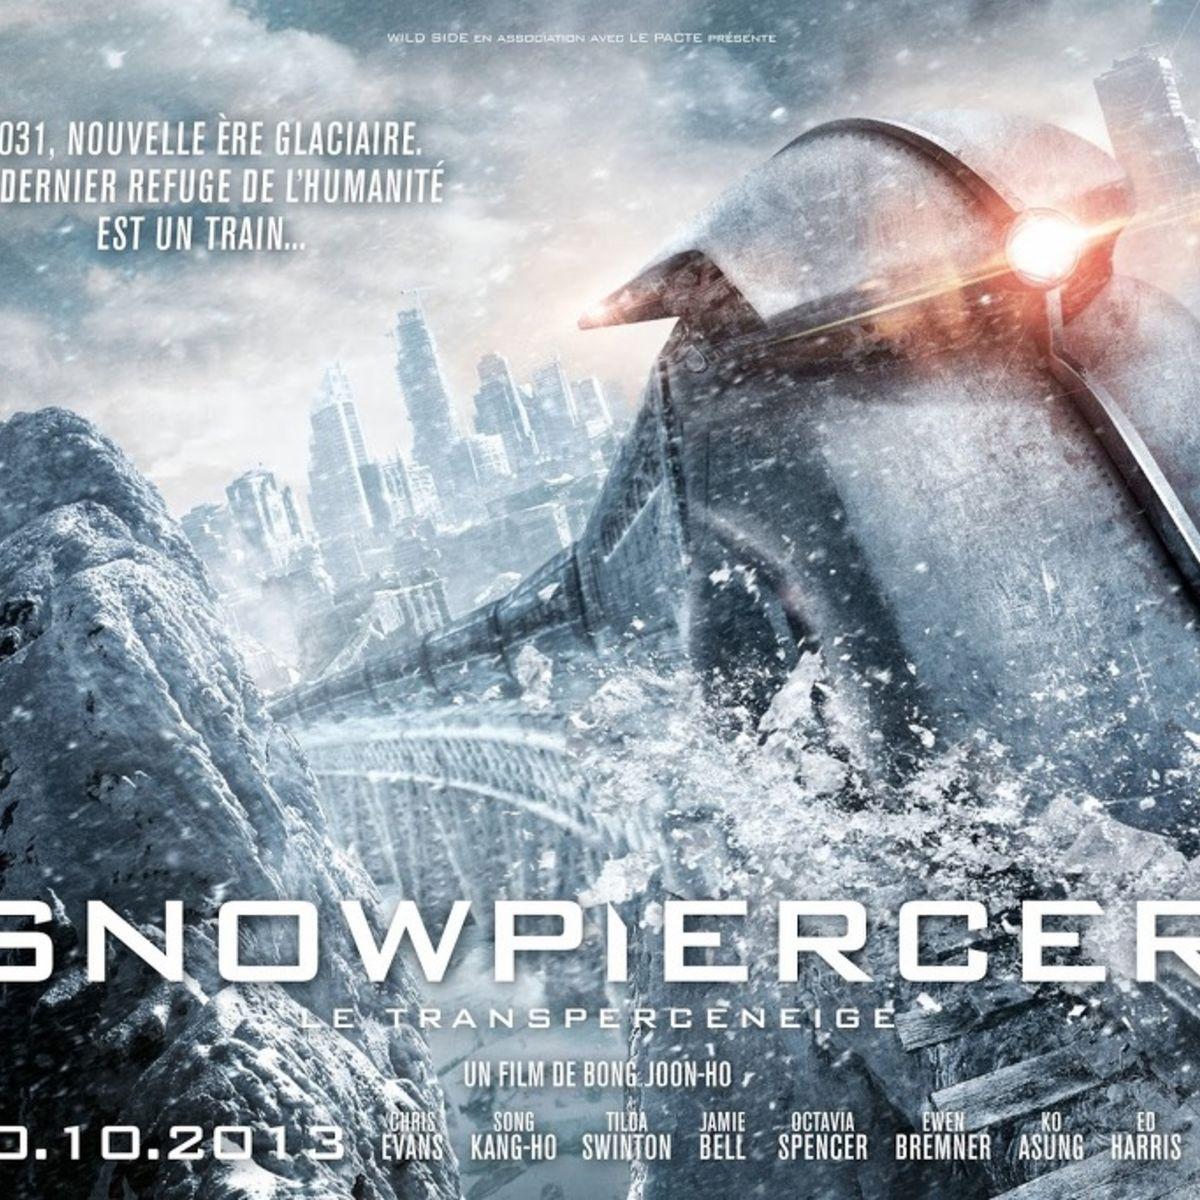 snowpiercer_poster_1.jpg